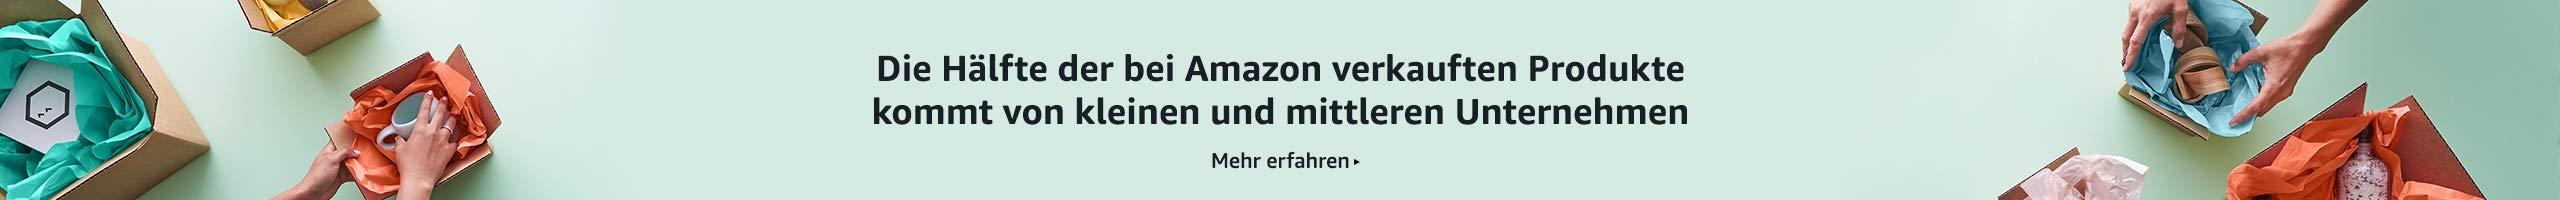 Kleine und mittelständische Unternehmen auf Amazon entdecken